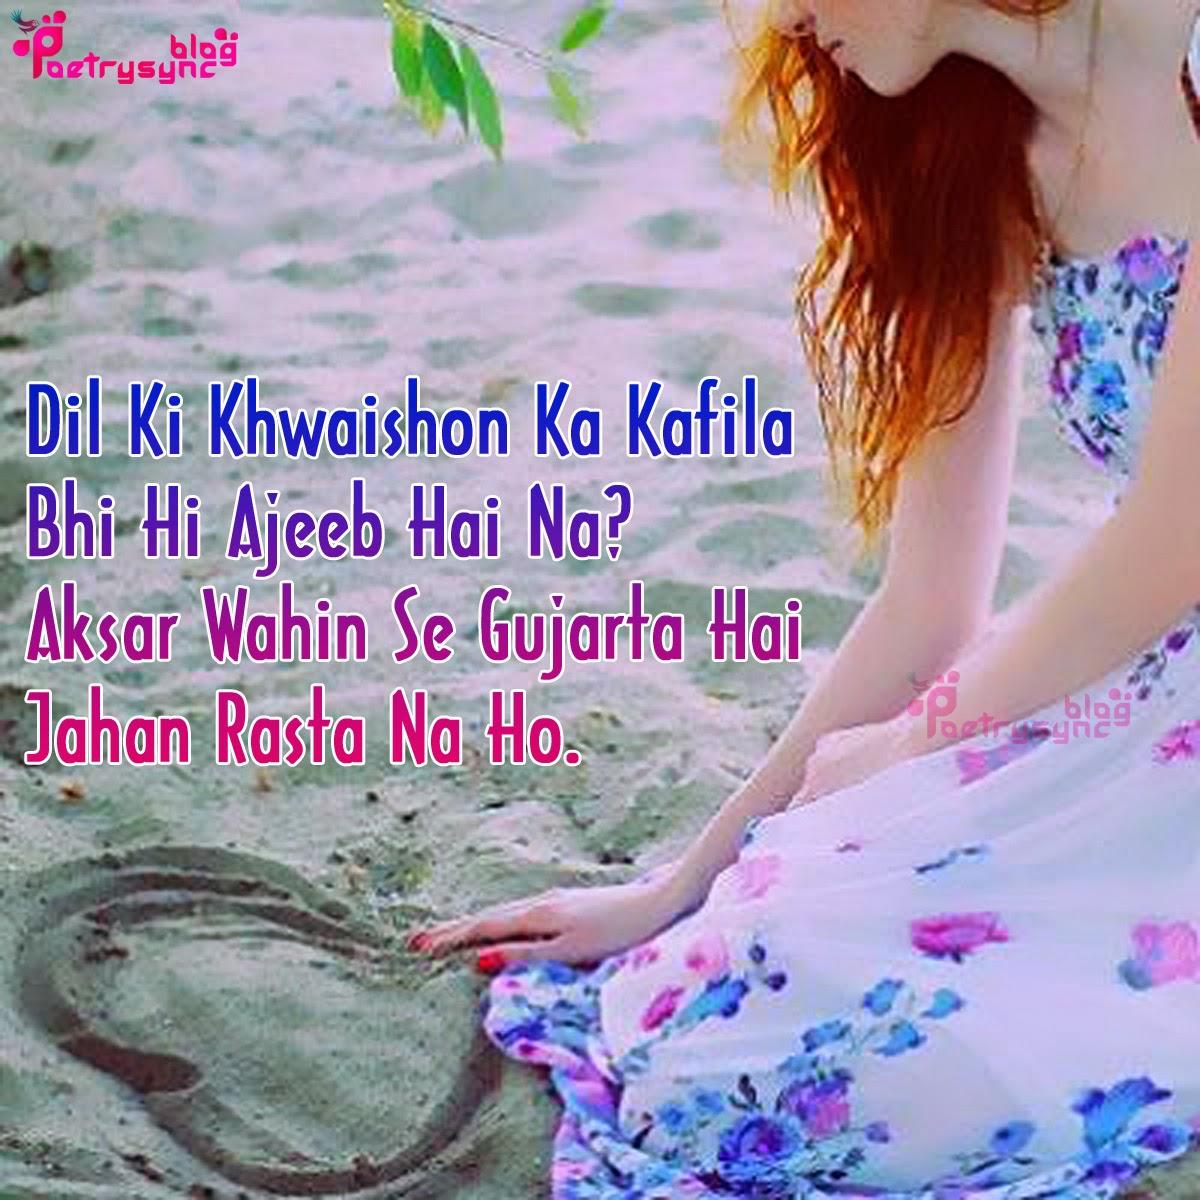 Dil Ki Khwaishon Ka Kafila Hi Ajeeb Hai Na